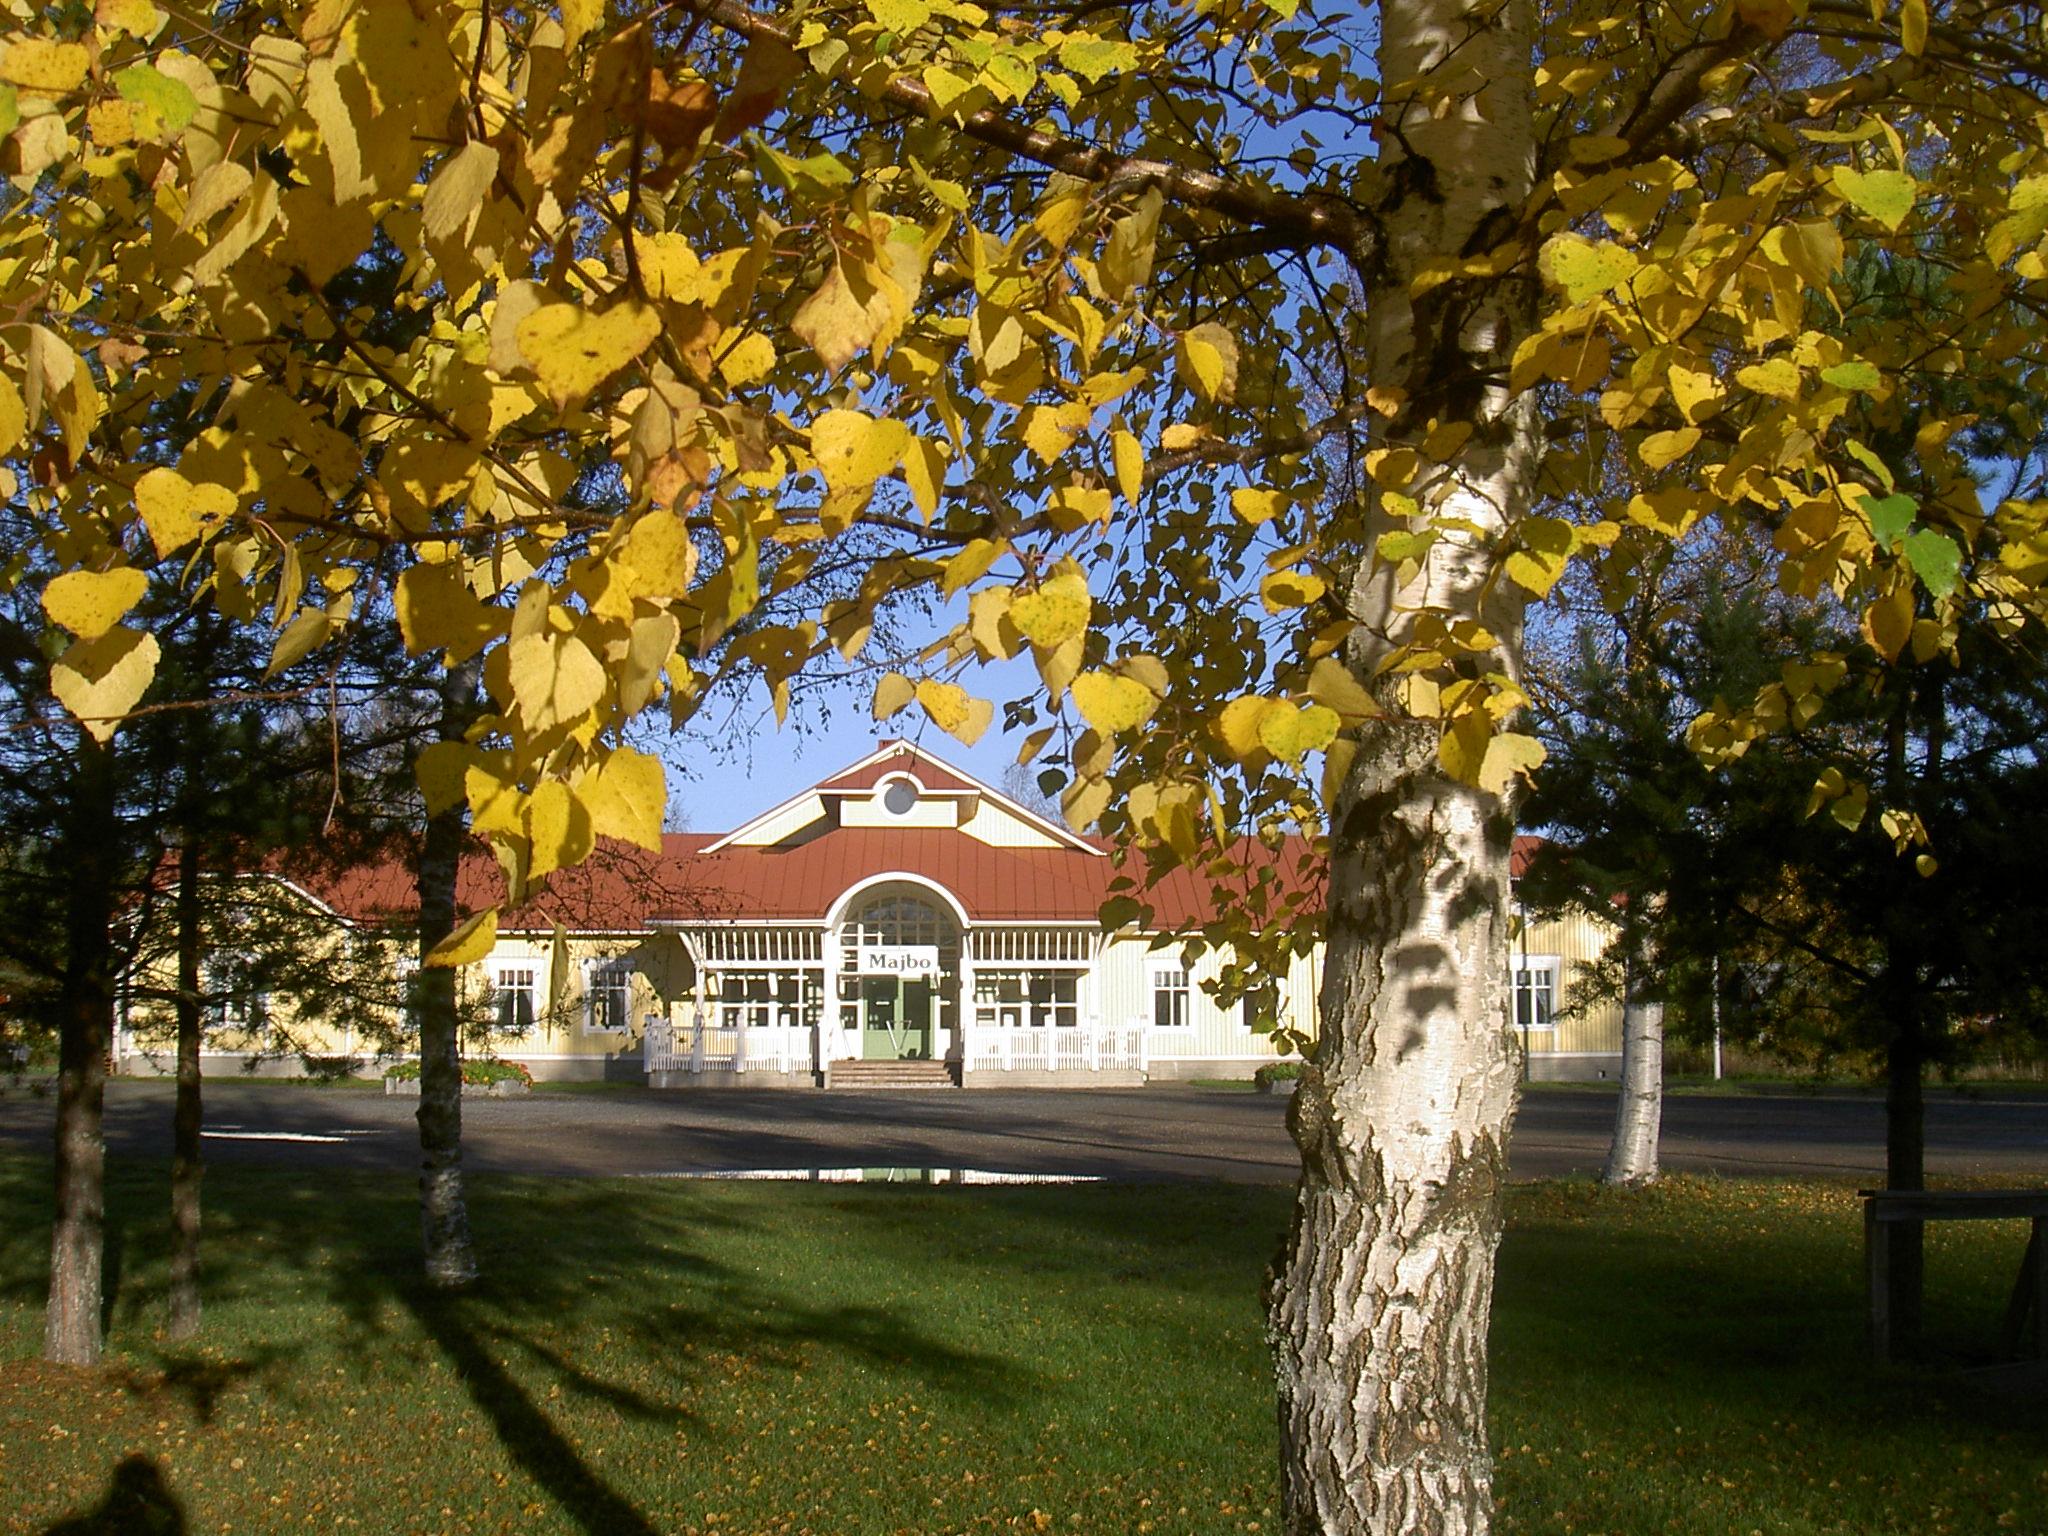 Föreningshuset Majbo lyser gult bland de gula höstlöven.